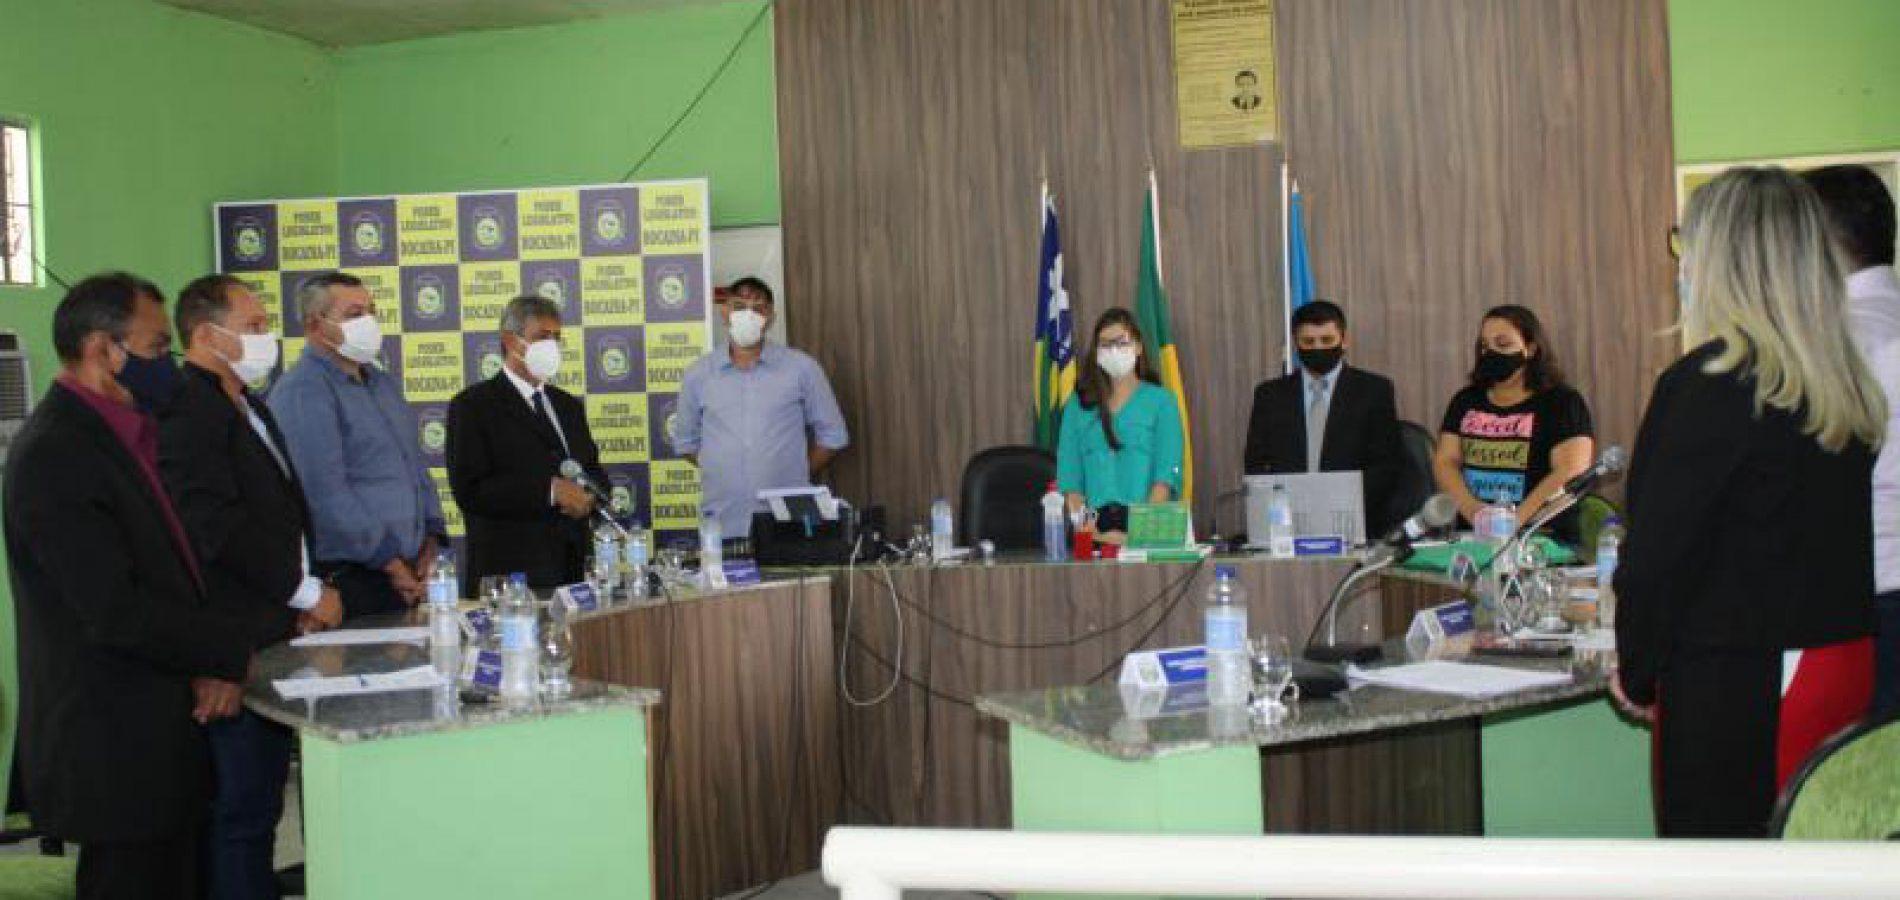 Câmara Municipal de Bocaina abre ano legislativo 2021 com leitura da mensagem do prefeito Erivelto Barros